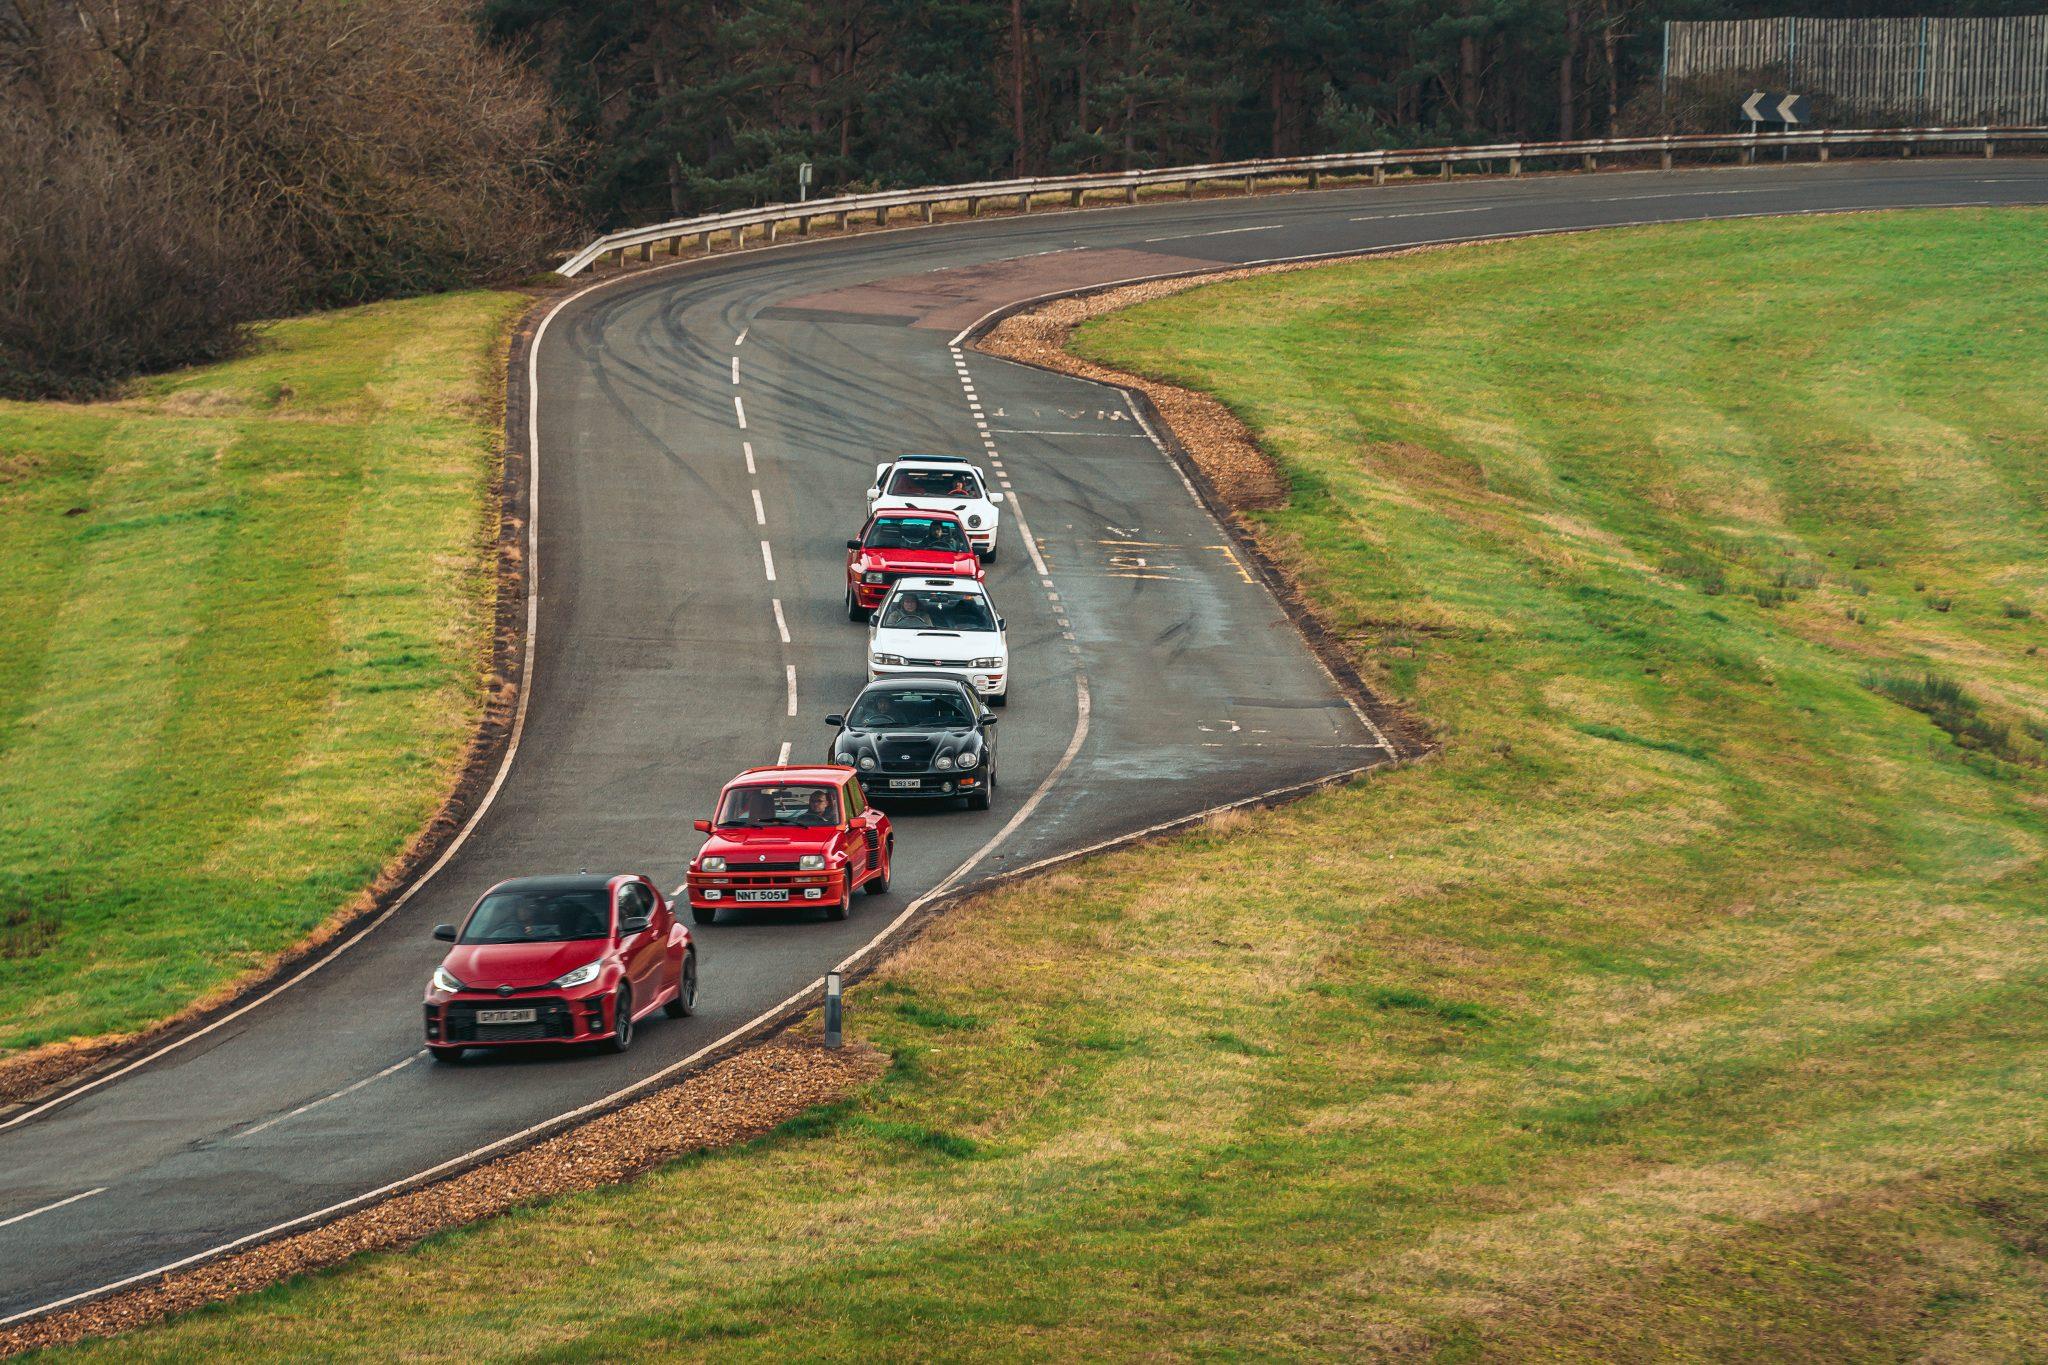 Toyota Celica vs Subaru Impreza vs Toyota GR Yaris vs Ford RS200 vs Audi Quattro vs Renault 5 Turbo